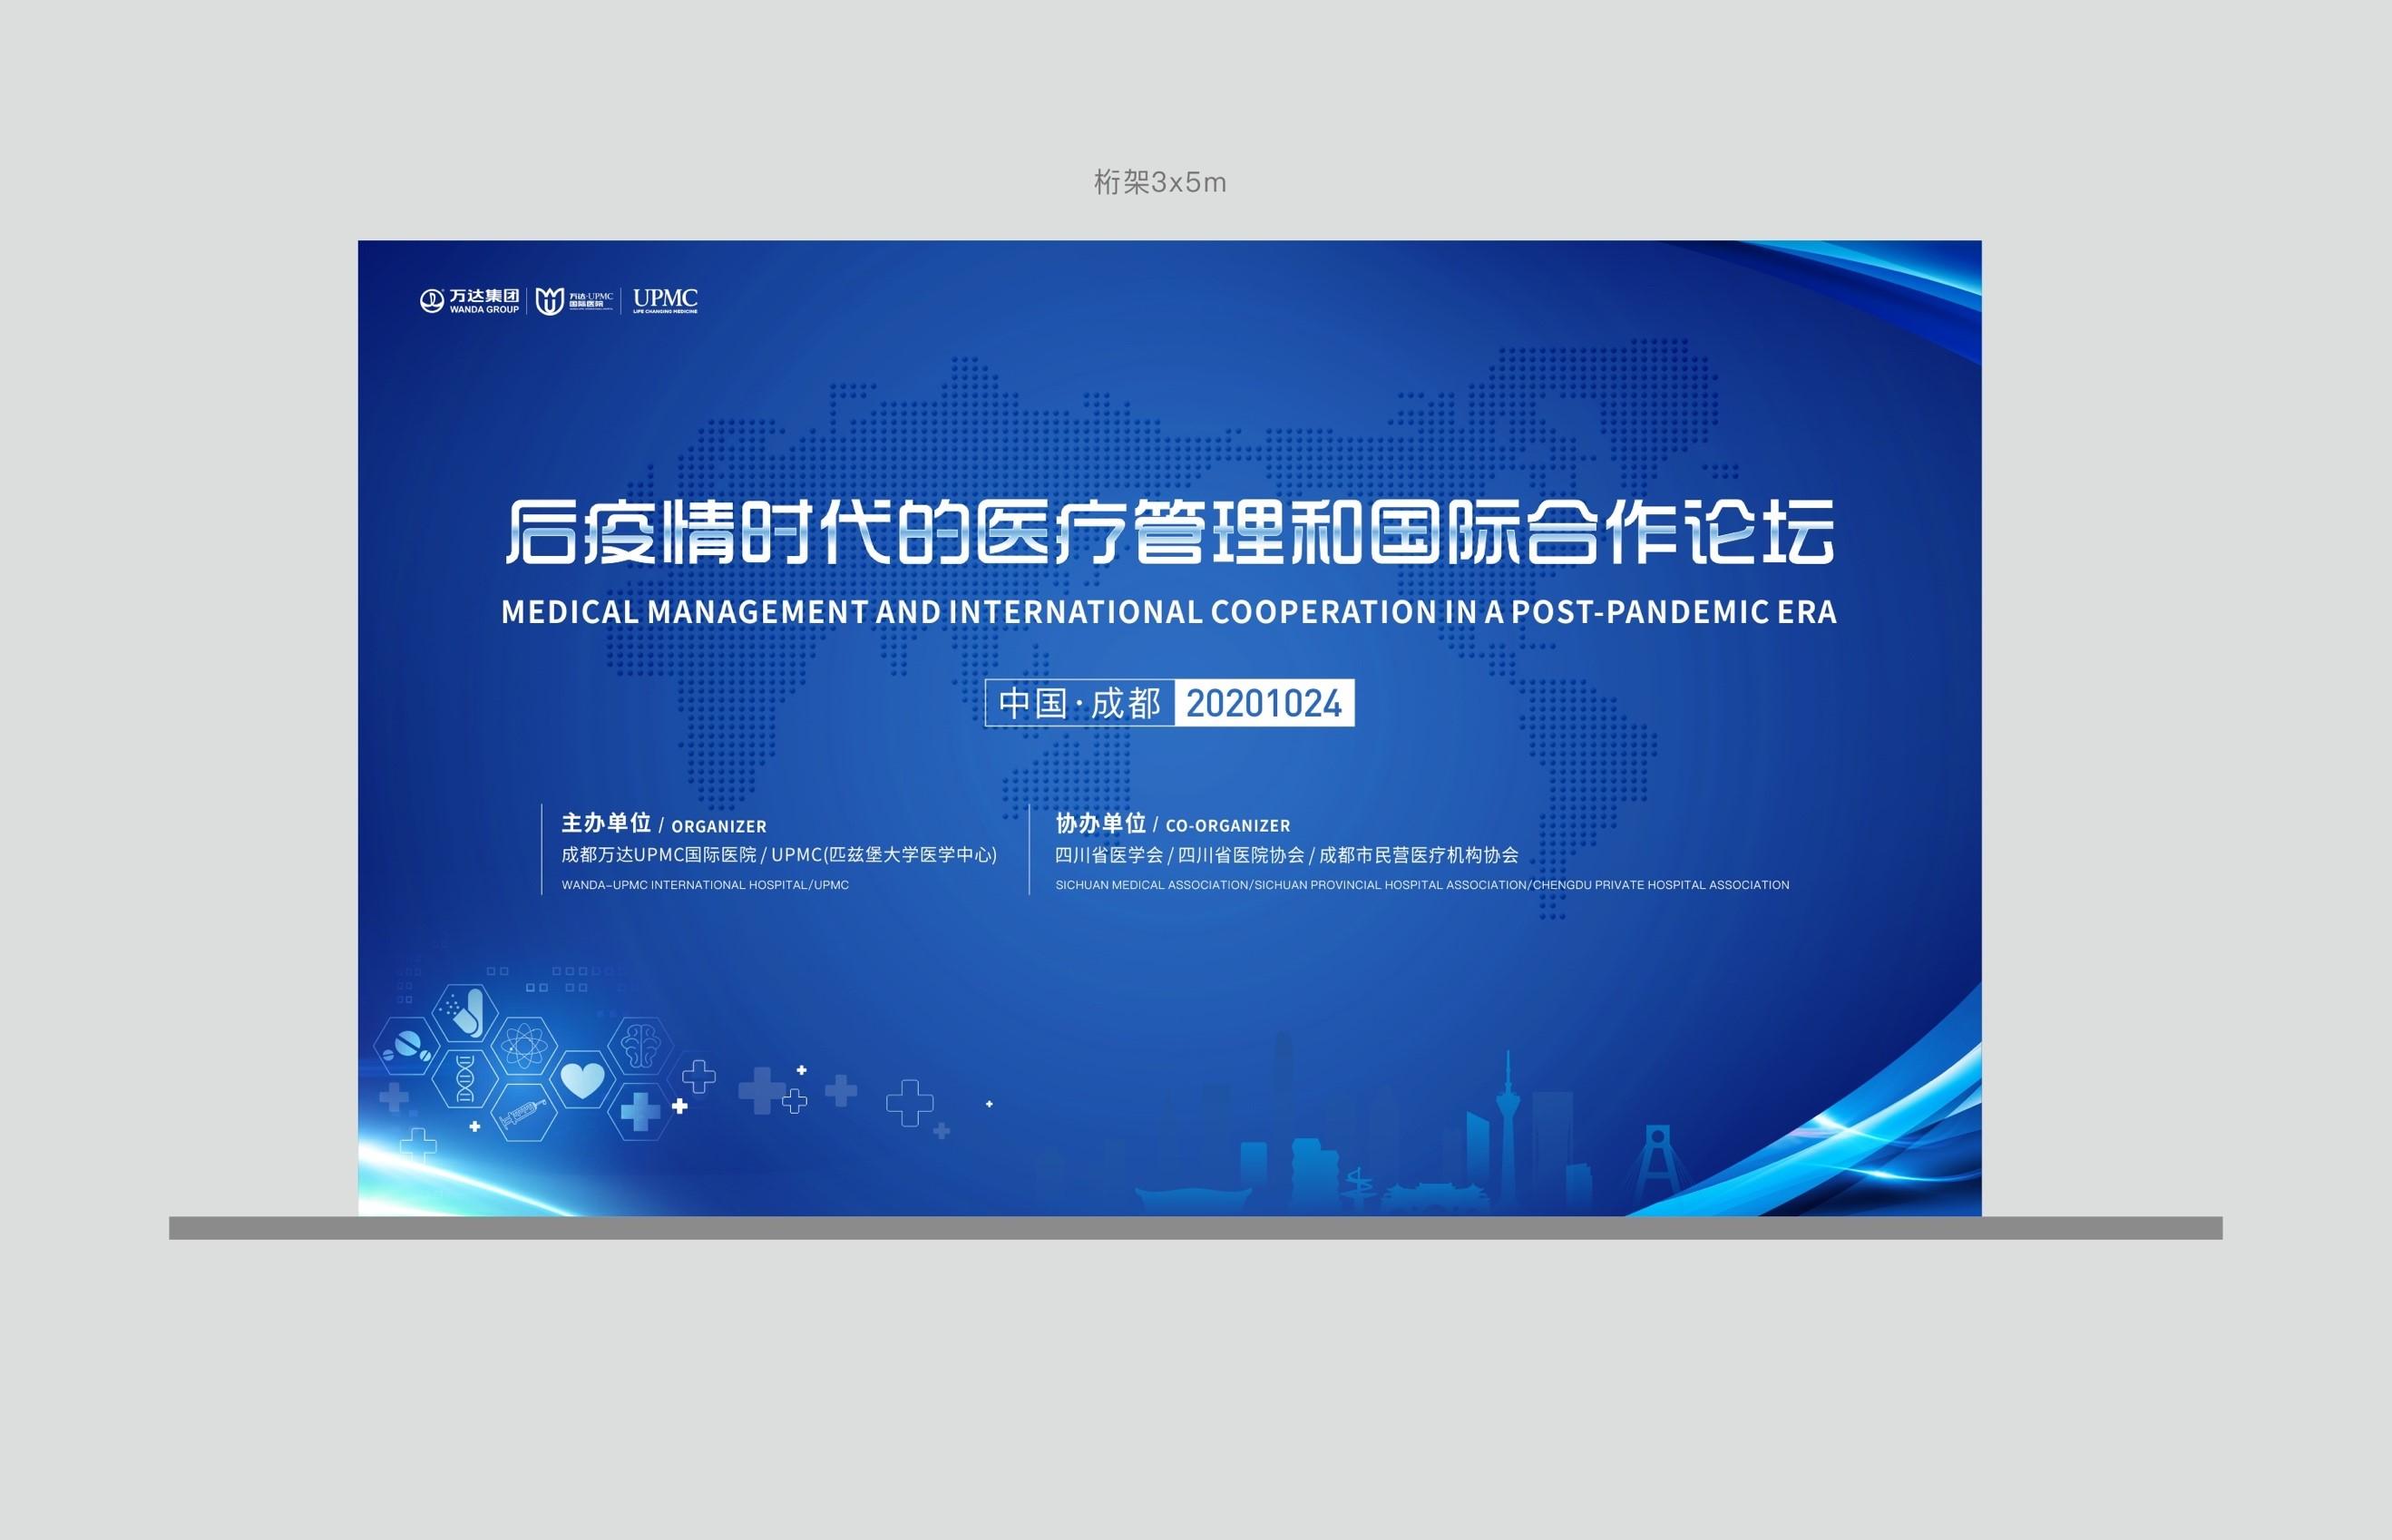 萬達助力成都高端醫療發展 聚焦國際醫療協作——四川省首屆醫療管理和國際合作論壇明日開幕-中國網地産